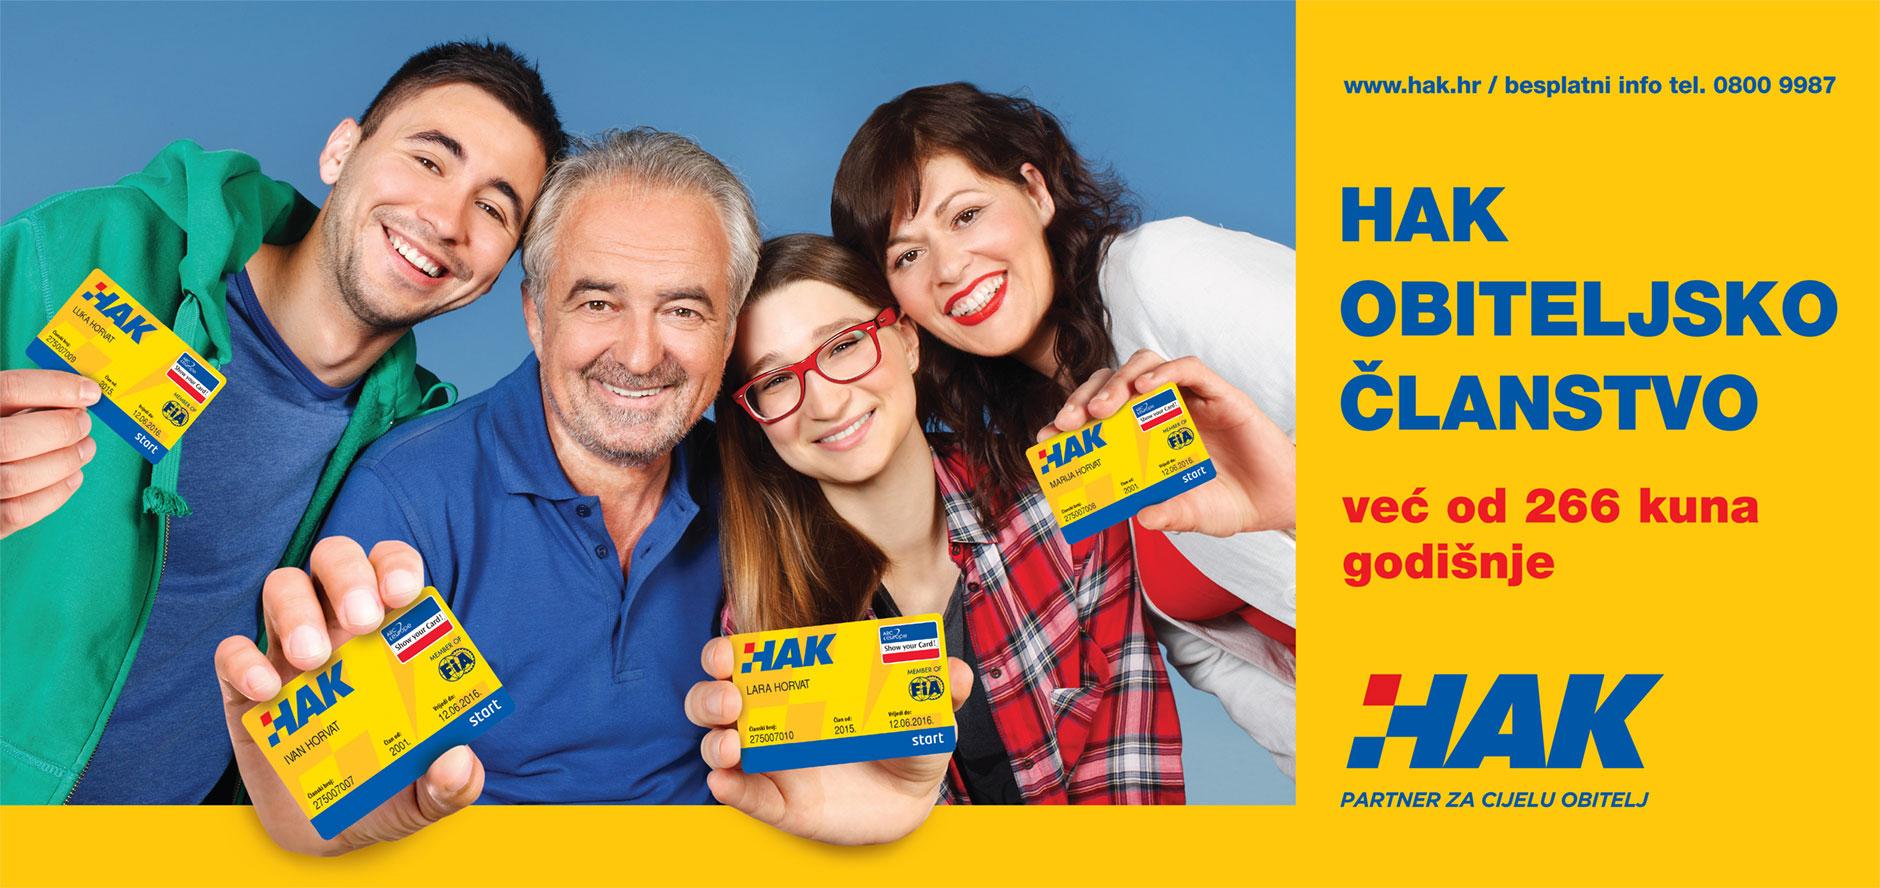 HAK - Obiteljsko članstvo